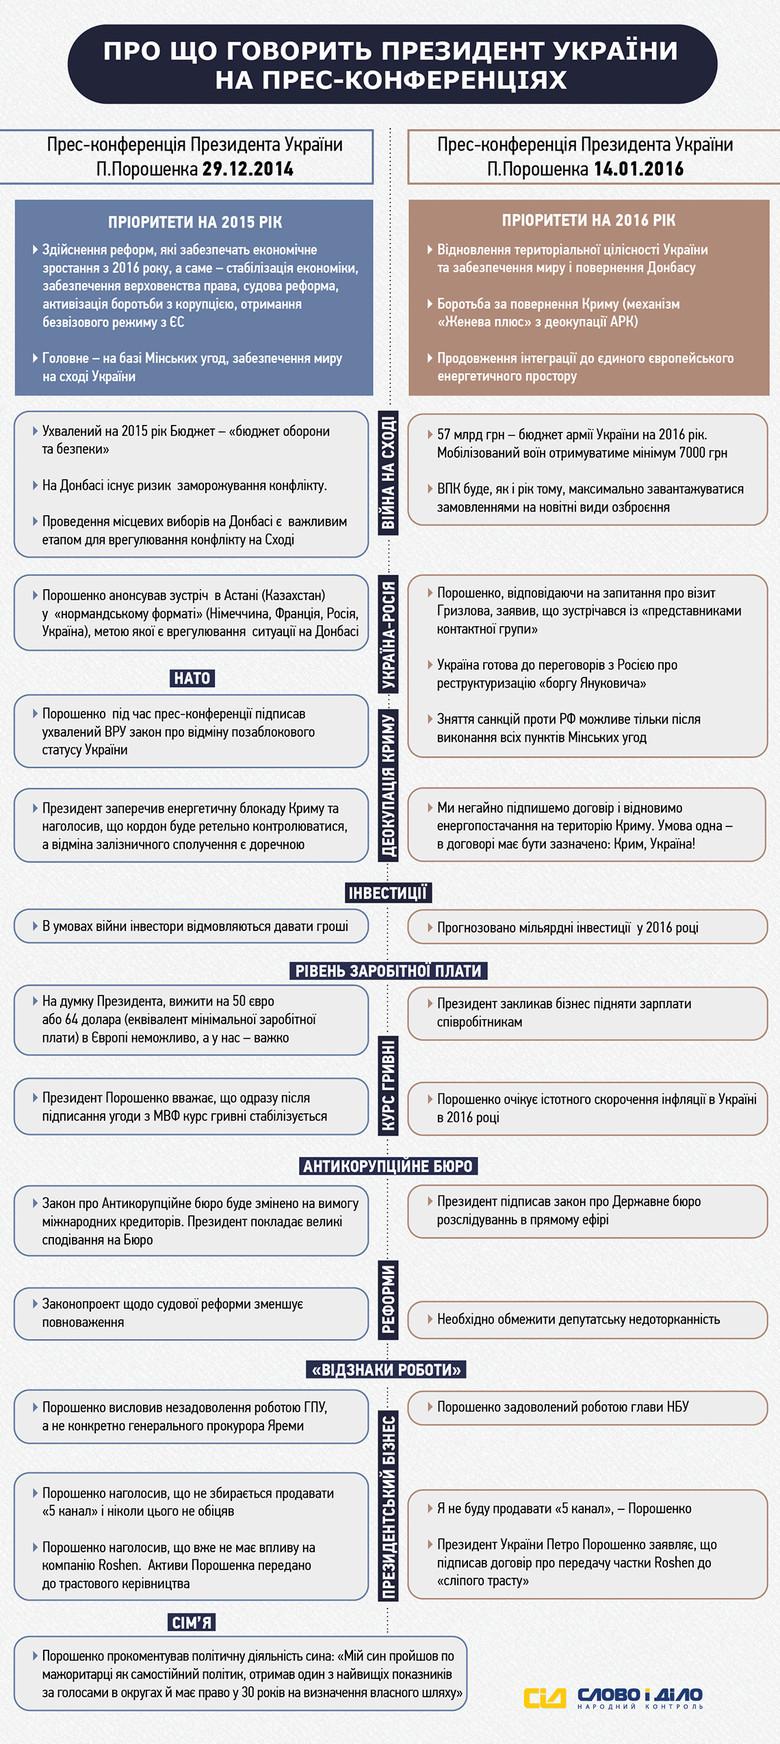 «Слово и Дело» решило разобраться, чем именно отличаются пресс-конференции Порошенко начала 2016 года и конца 2014 года.